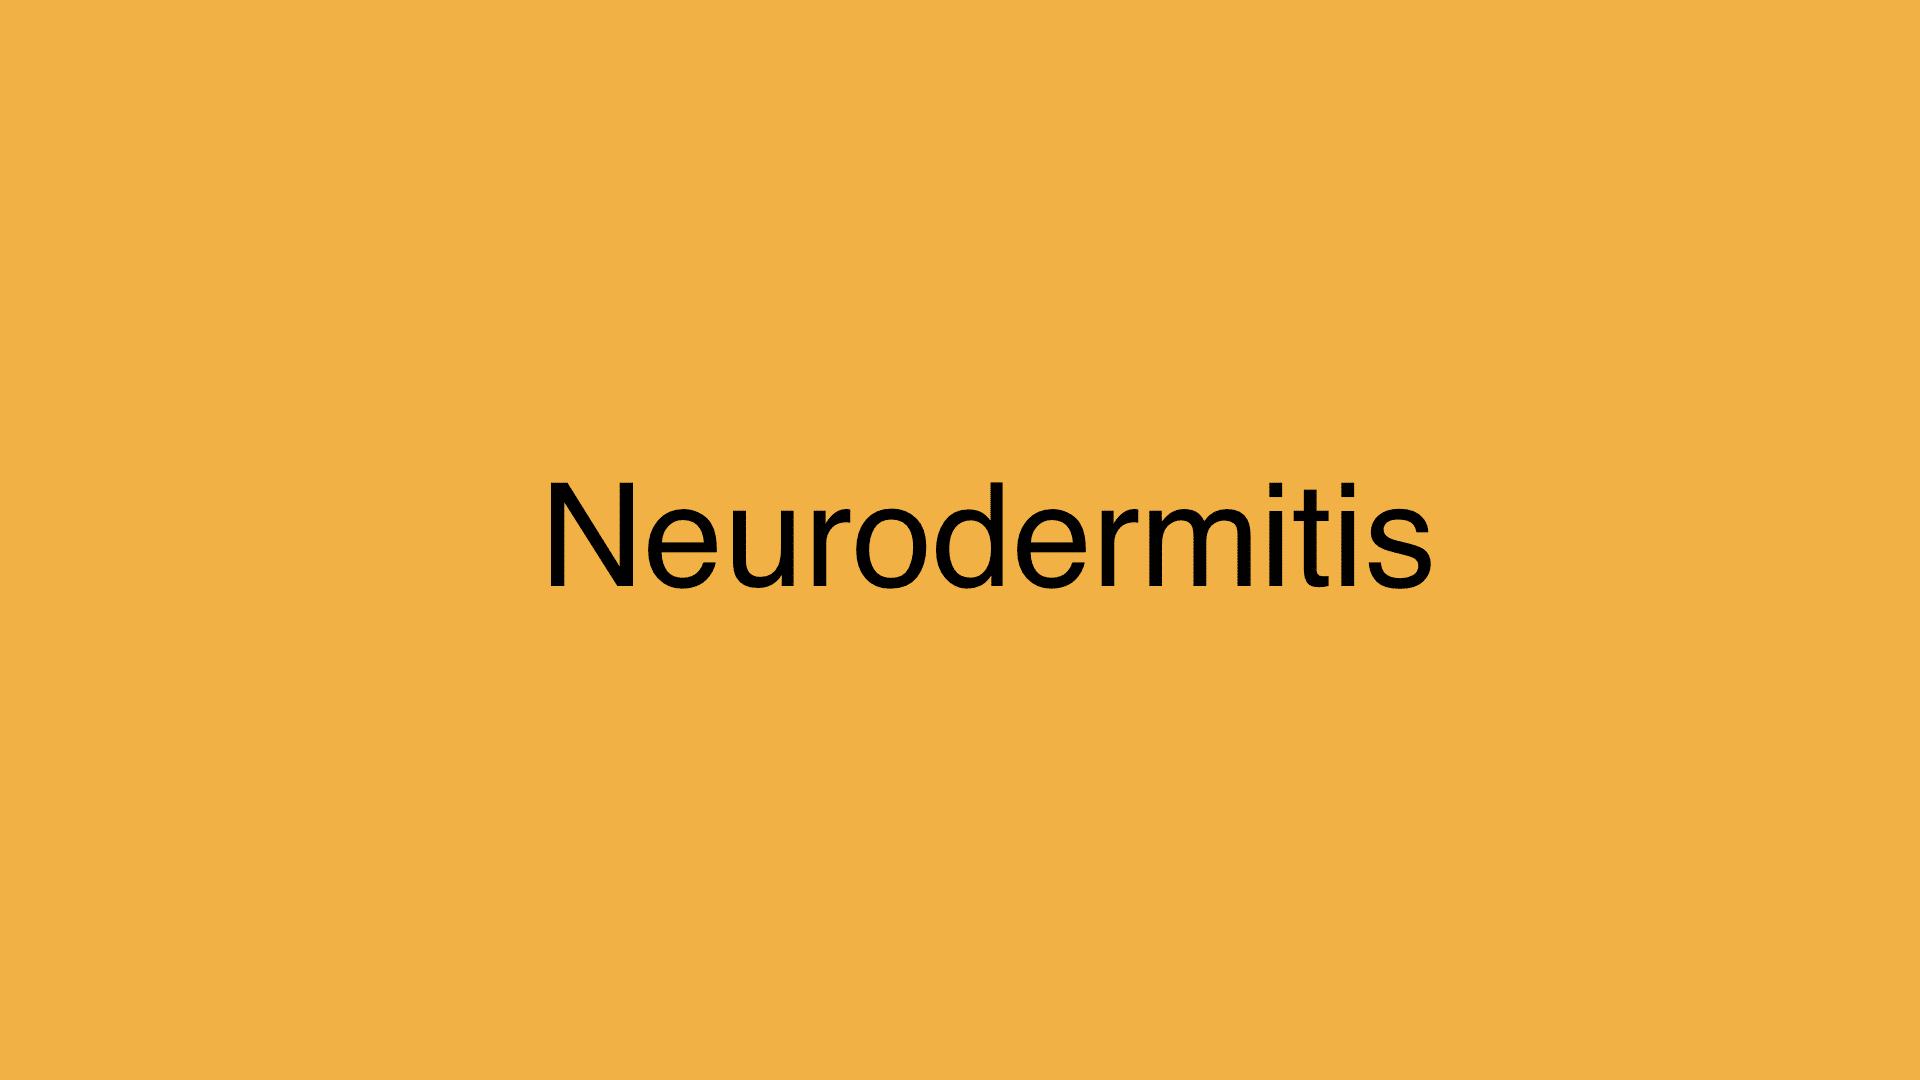 Neurodermitis - Ursachen, Symptome und Behandlung der Hautkrankheit